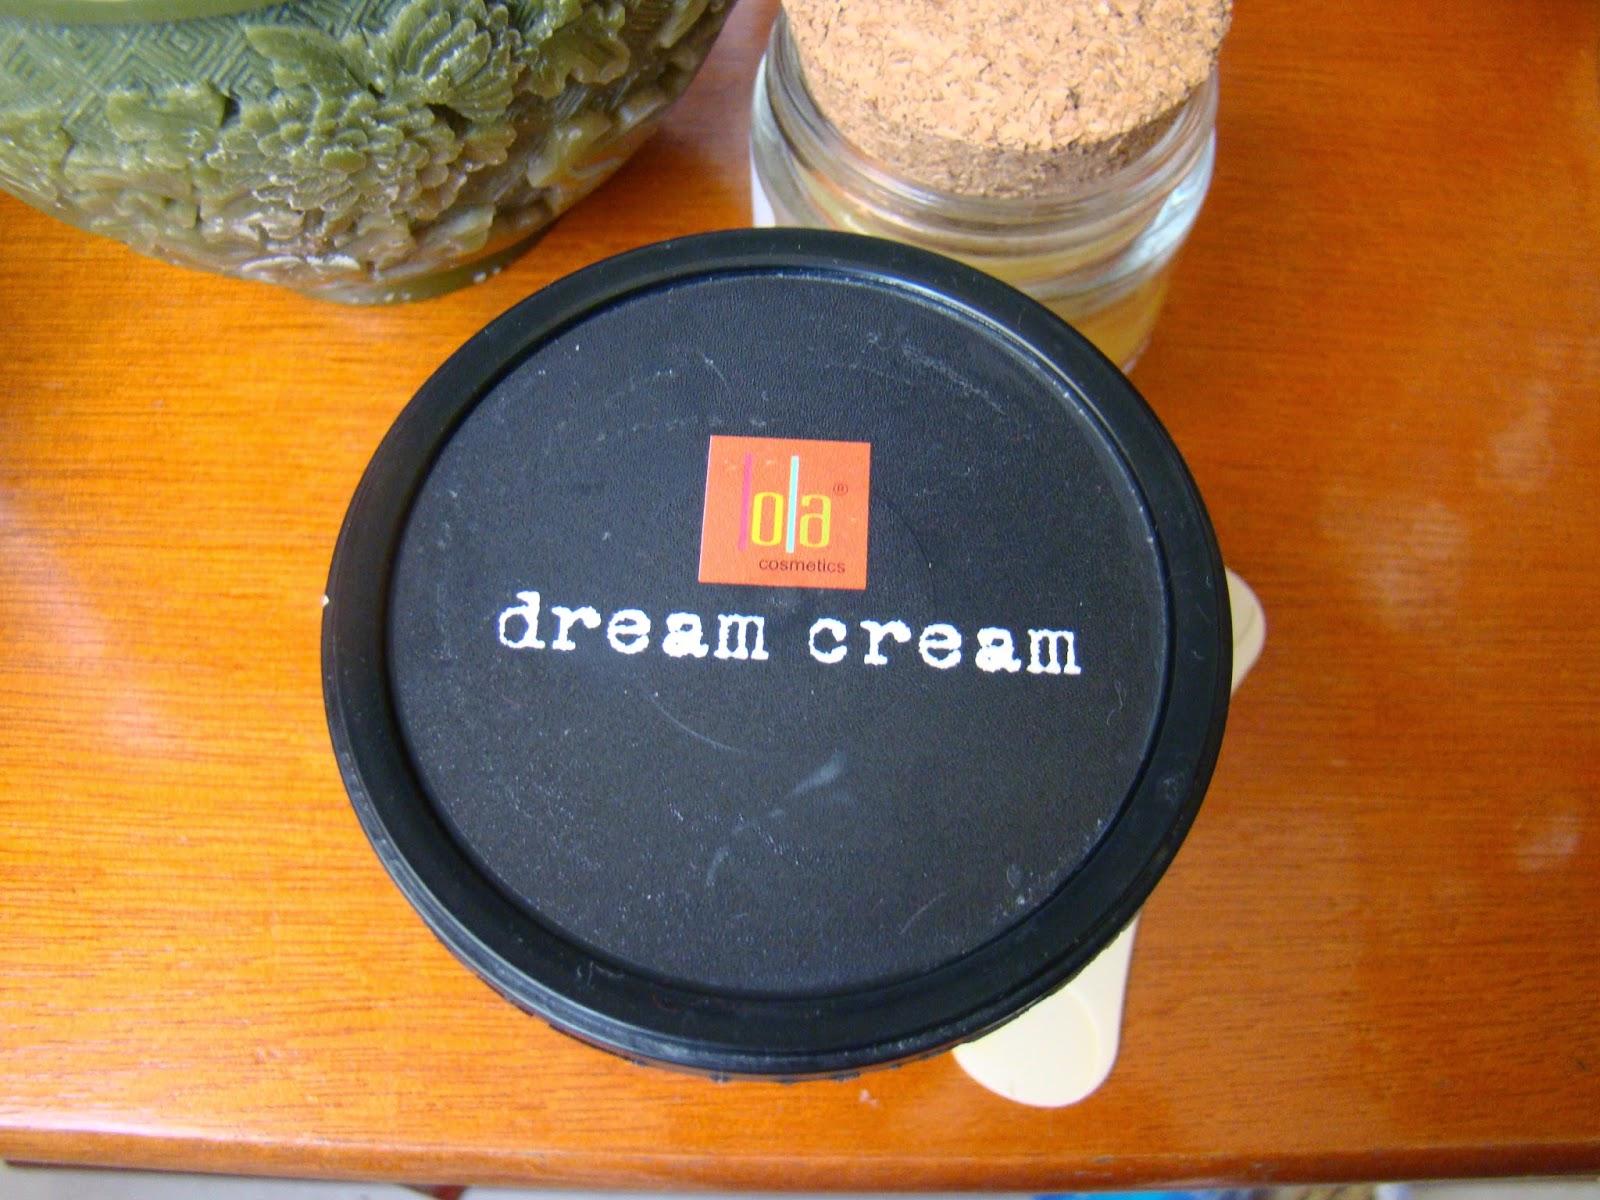 Dream Cream Lola Cosméticos